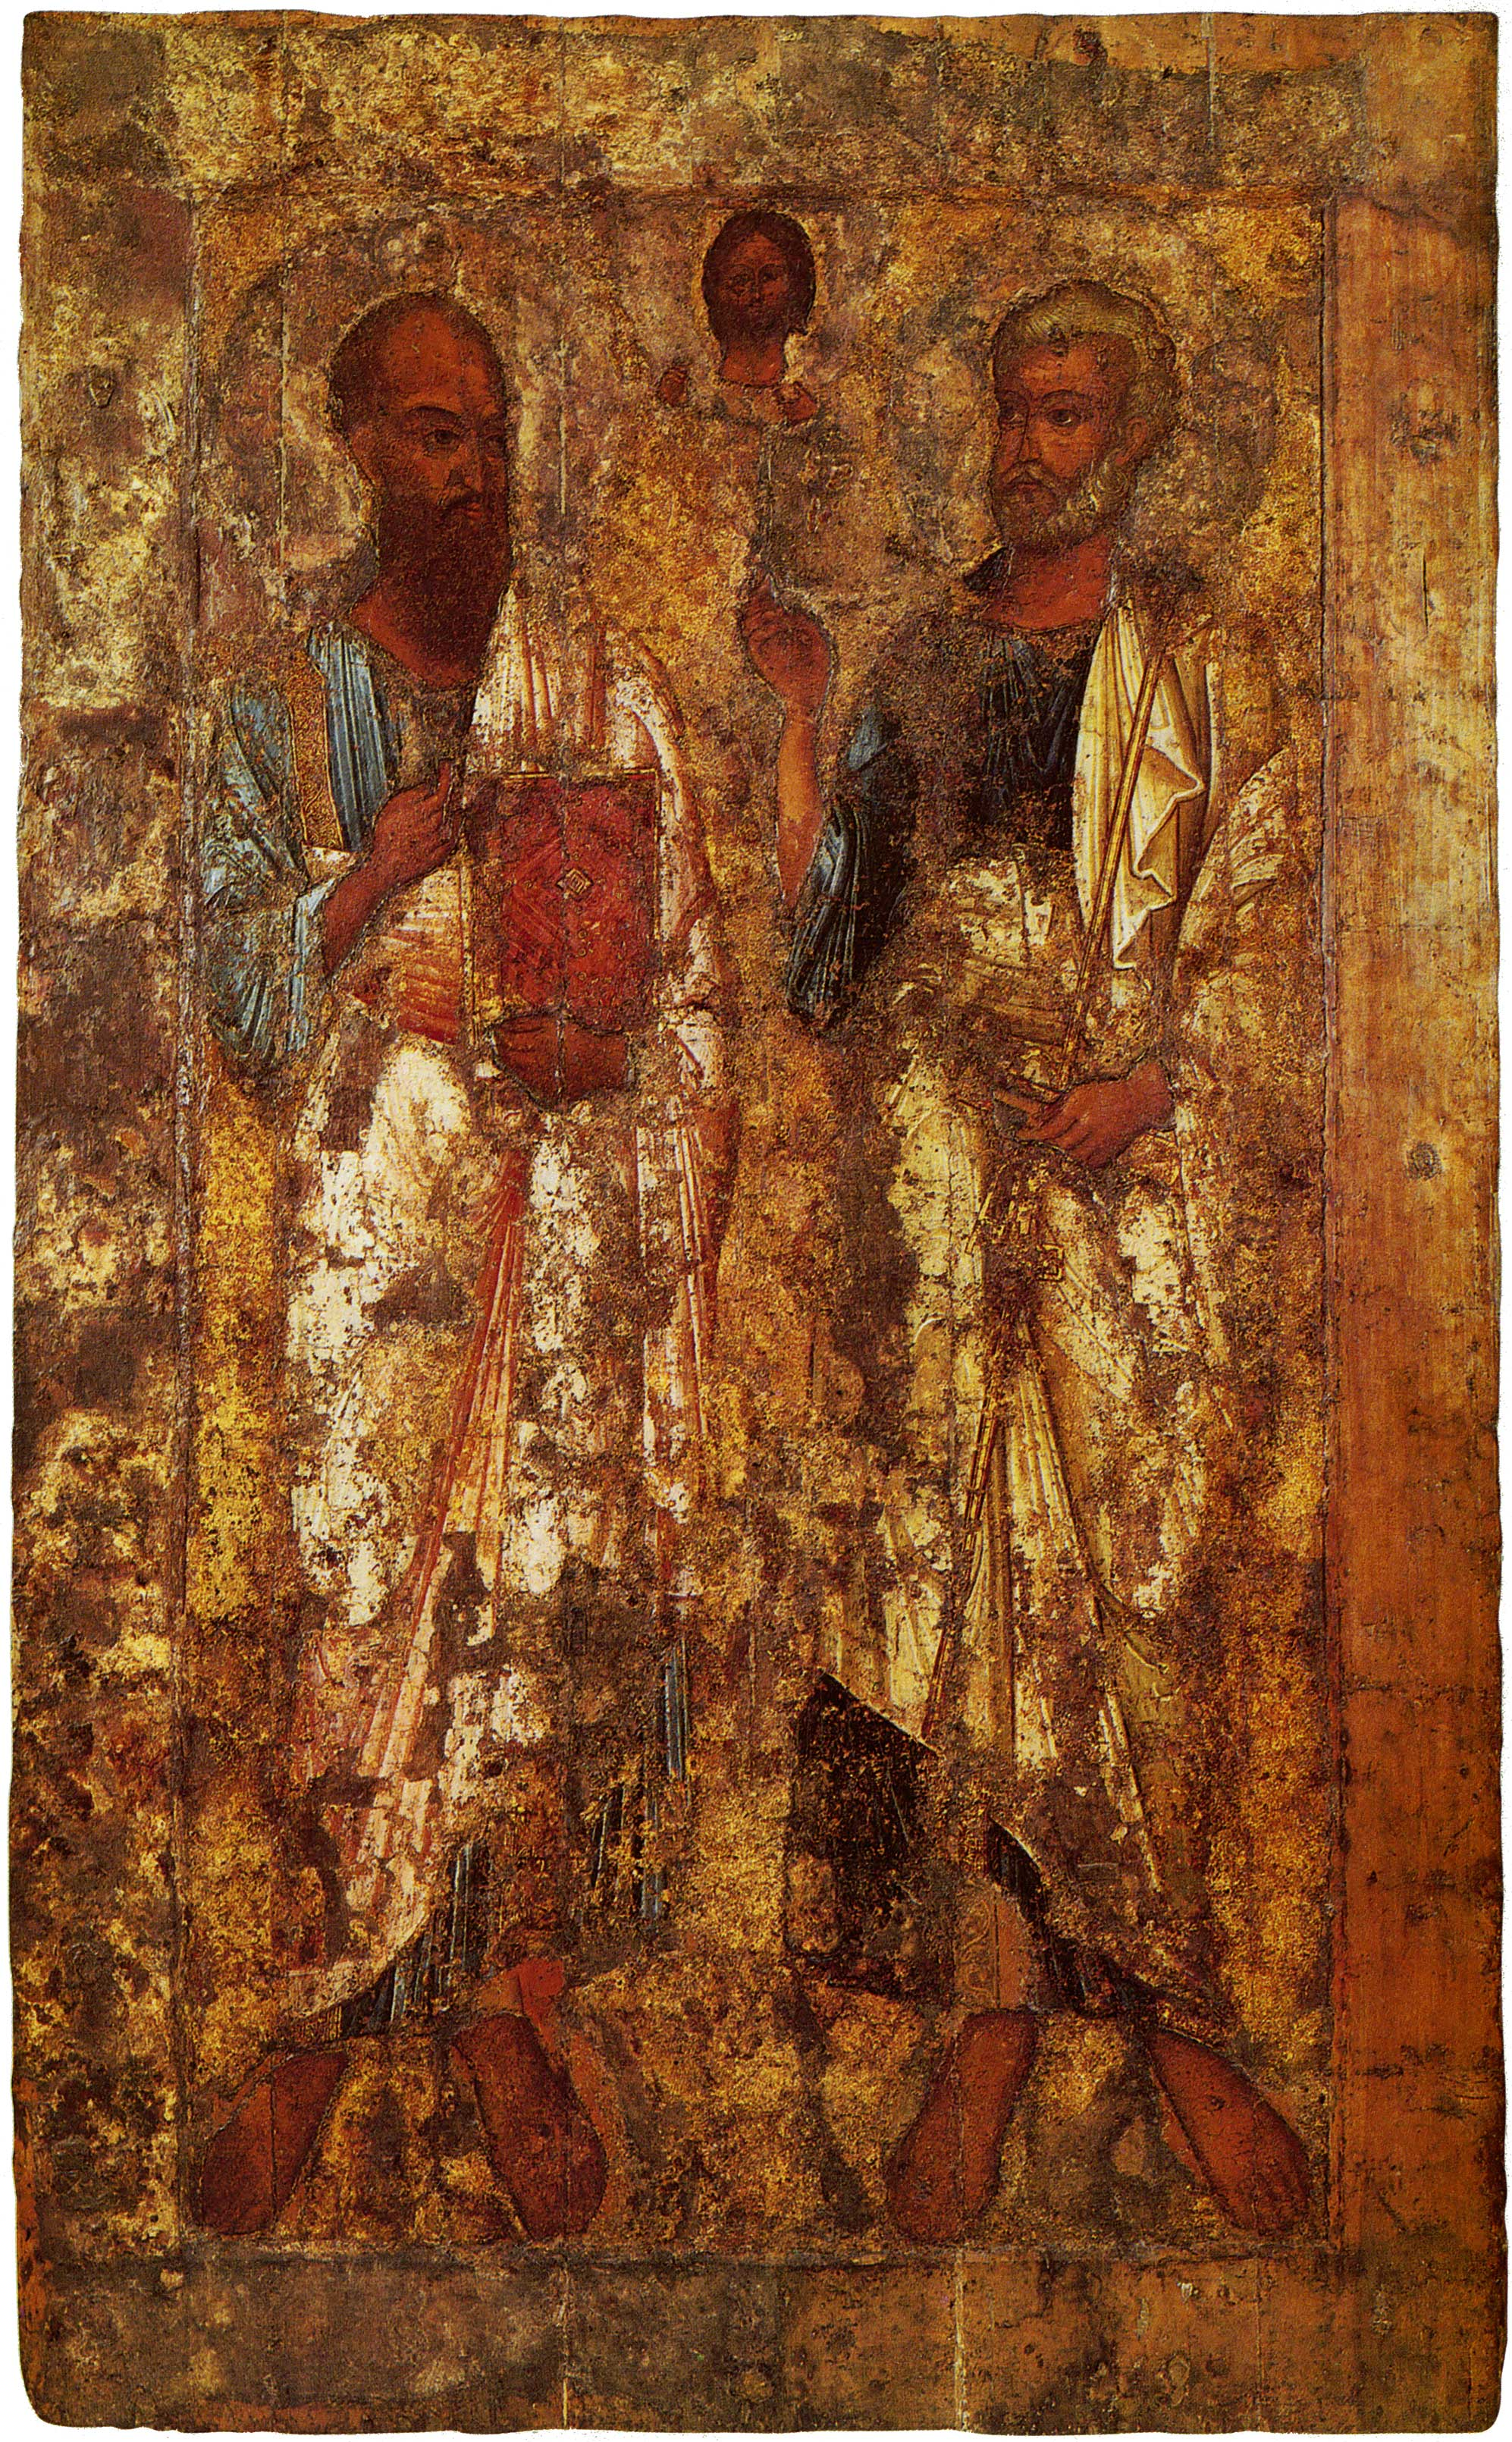 1.Святые апостолы Петр и Павел. Икона. XI век. Находится в Новгородском музее-заповеднике